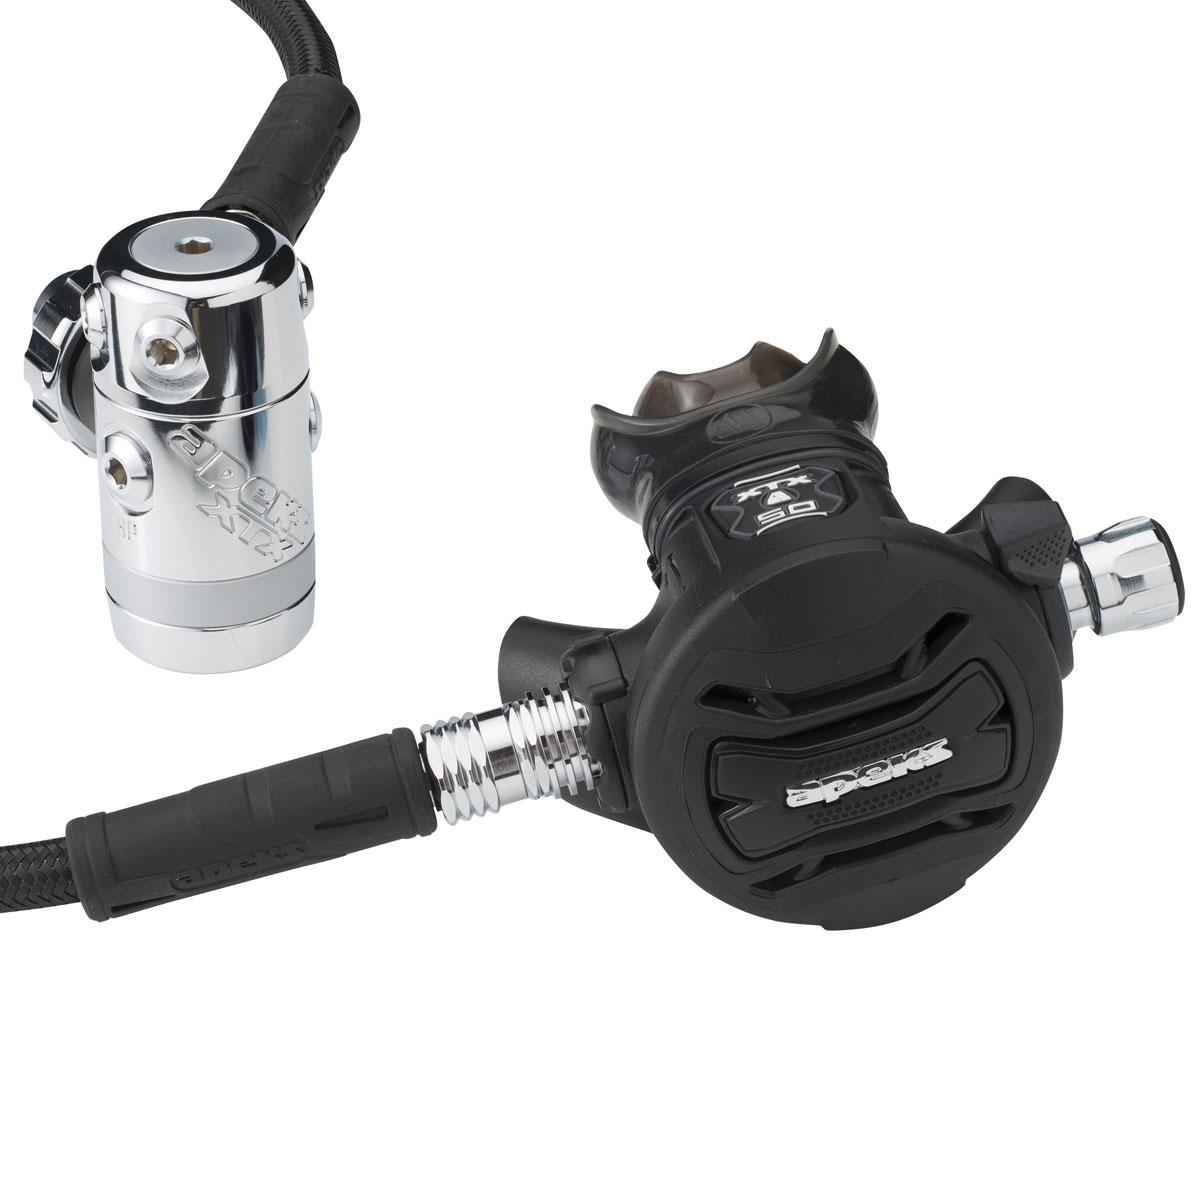 APEKS - XTX50 Atemregler DIN DST 2stufig